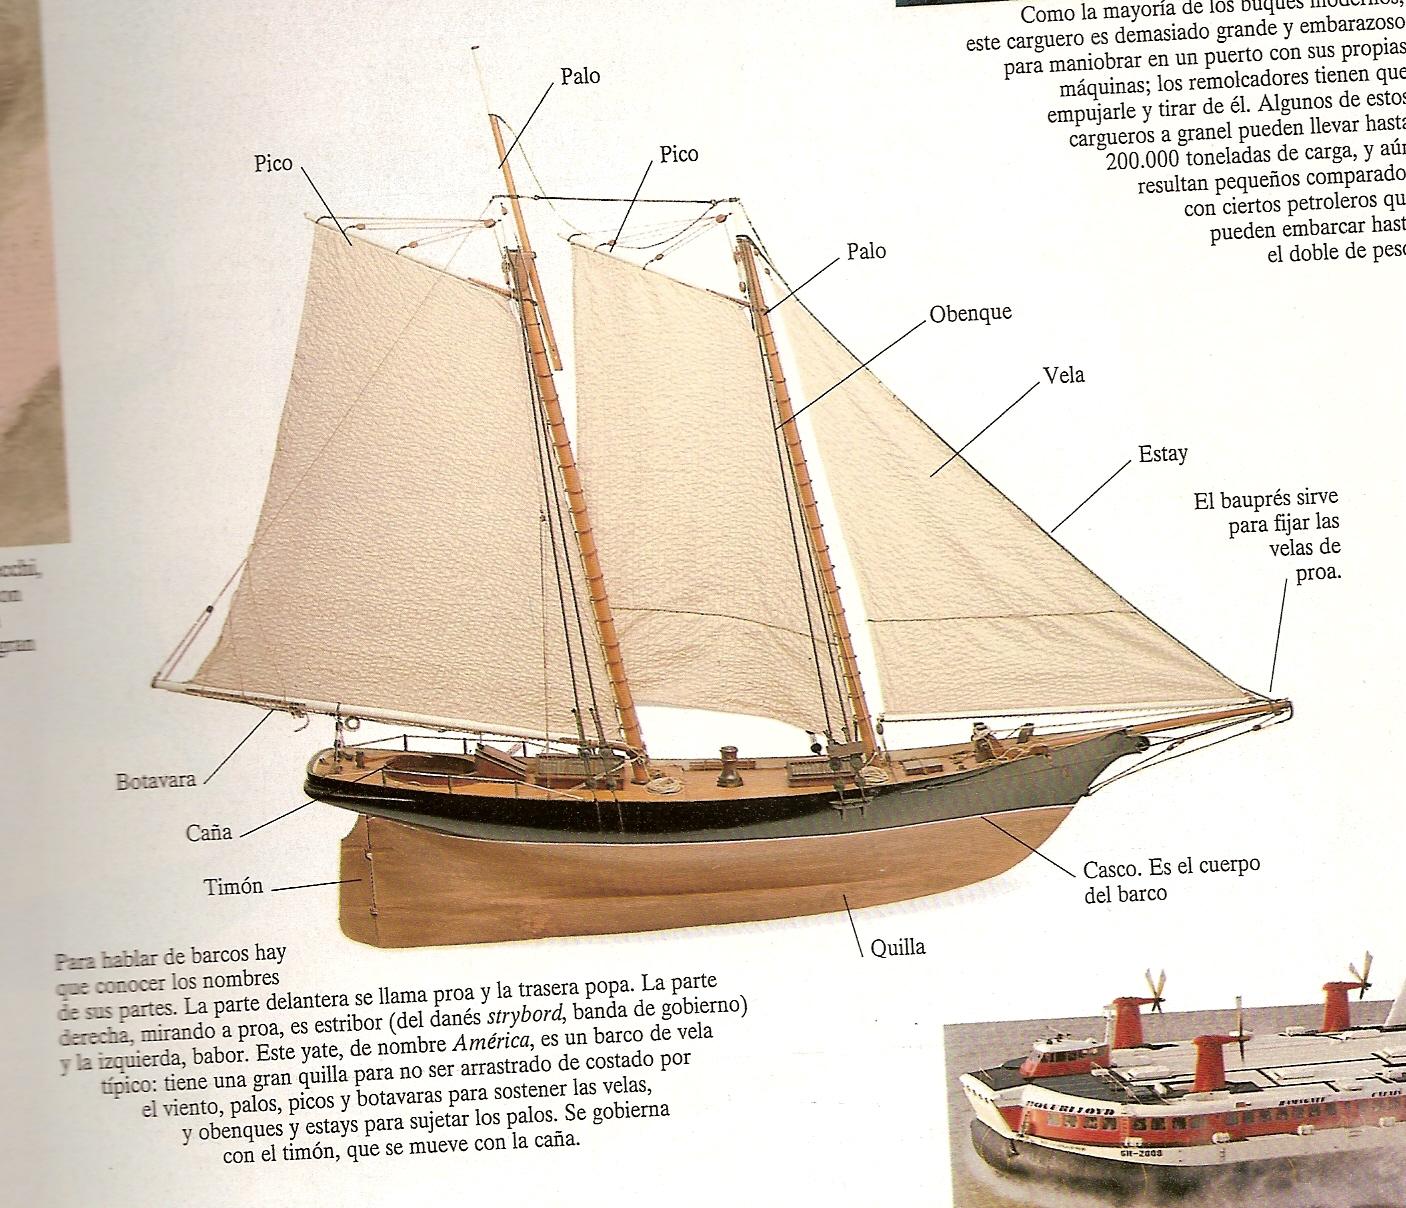 Mercenarios: El velero y sus partes